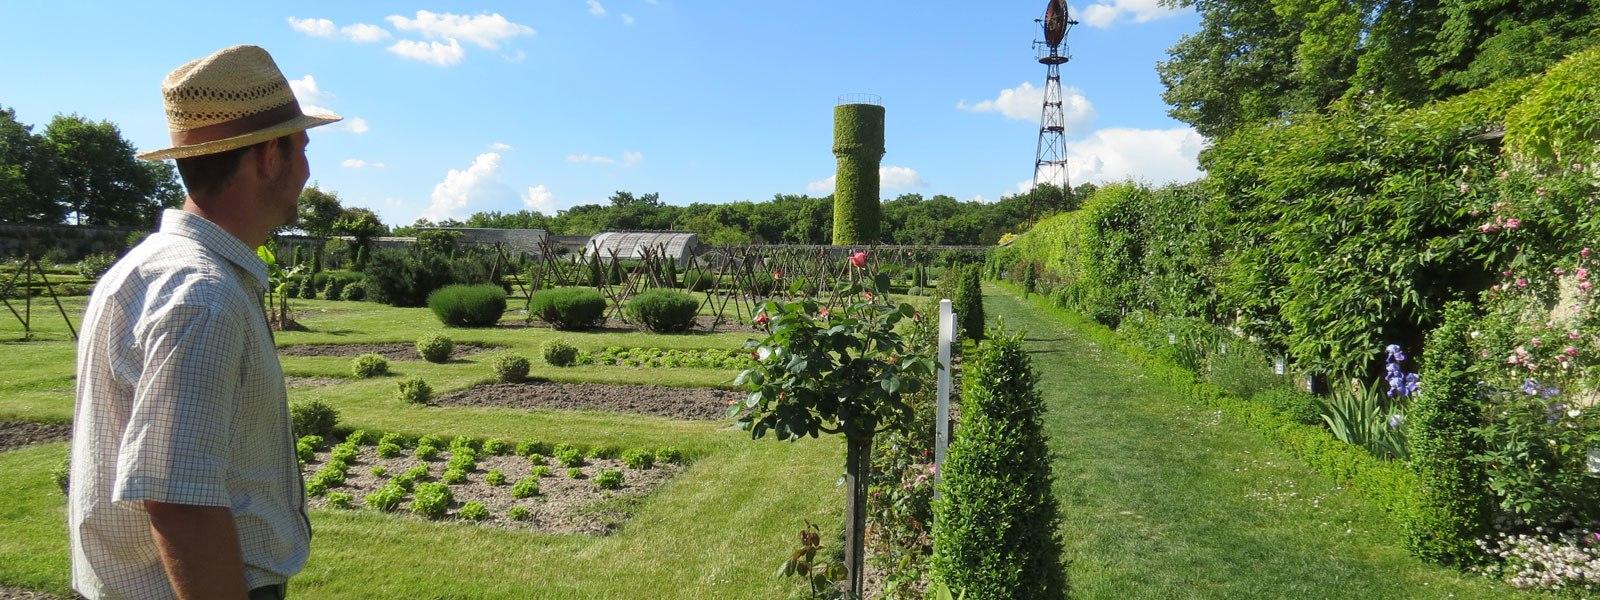 jardins au naturel r gion centre val de loire val de loire. Black Bedroom Furniture Sets. Home Design Ideas